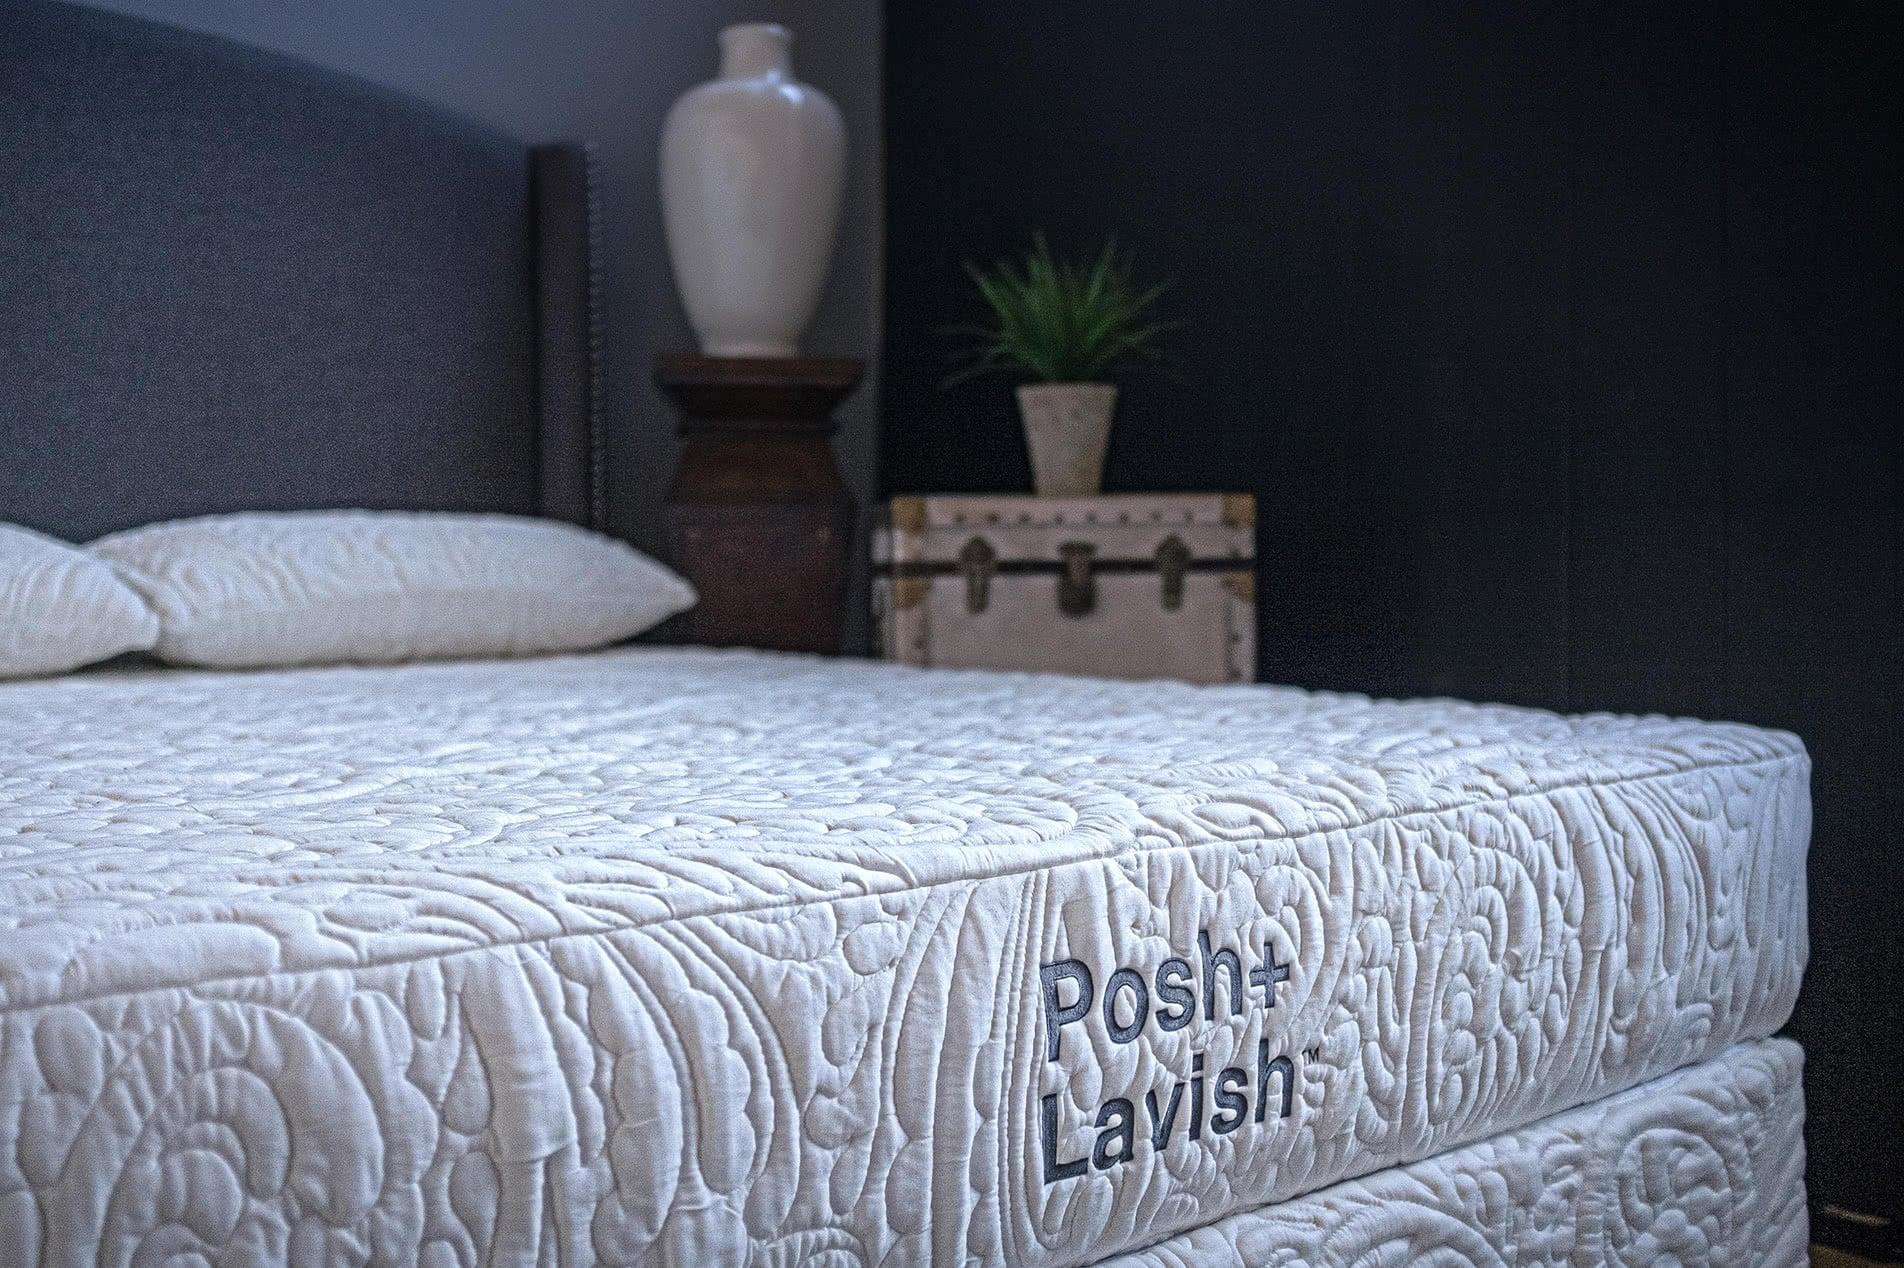 Photo of Posh+Lavish Premier Mattress